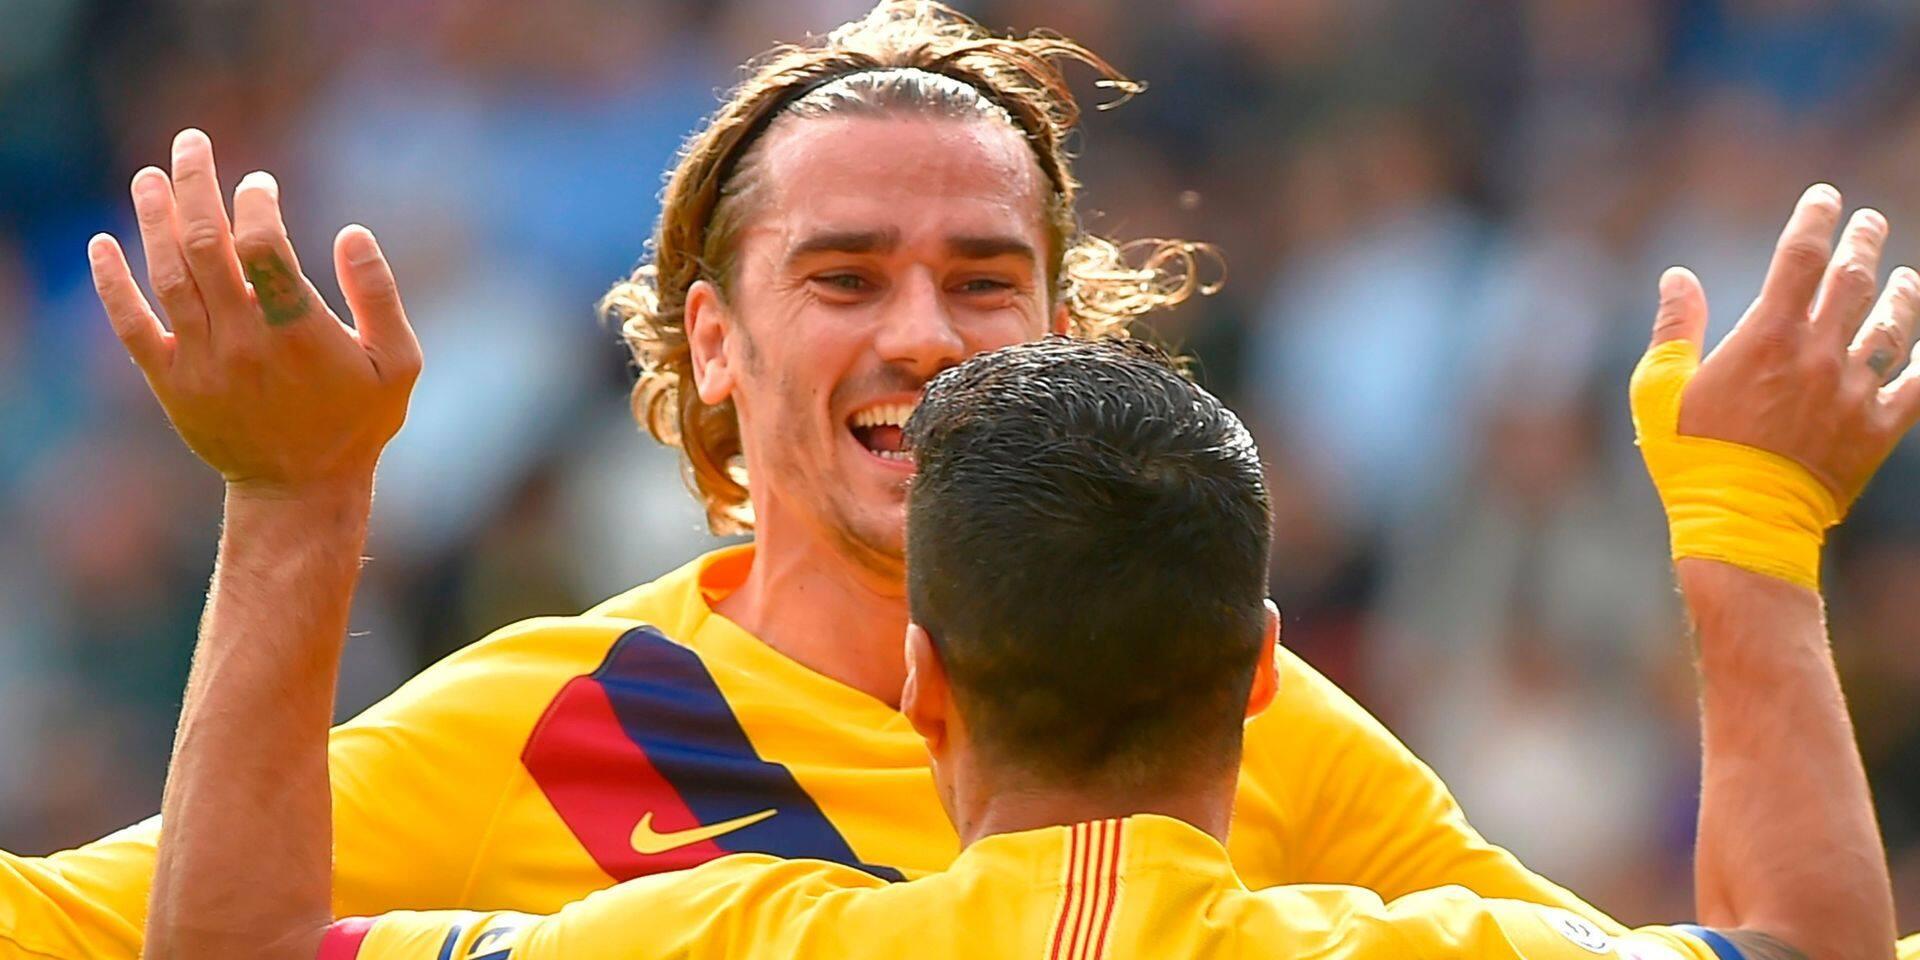 Liga: Le trio de choc a encore frappé et hisse le Barça en tête